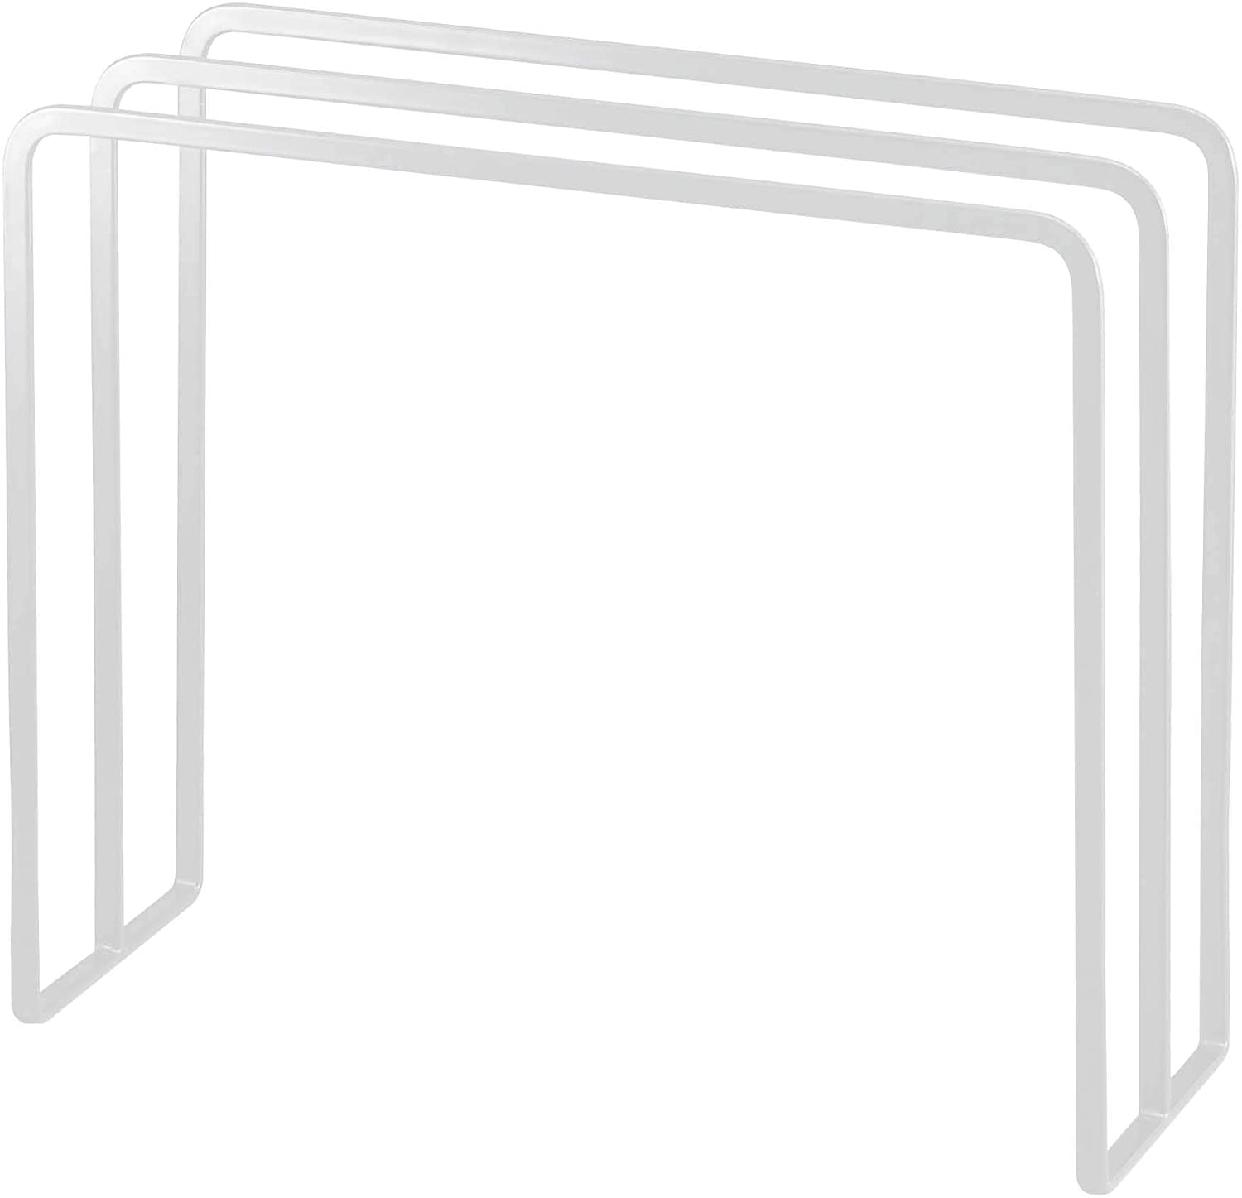 山崎実業(ヤマザキジツギョウ)布巾ハンガー タワーの商品画像